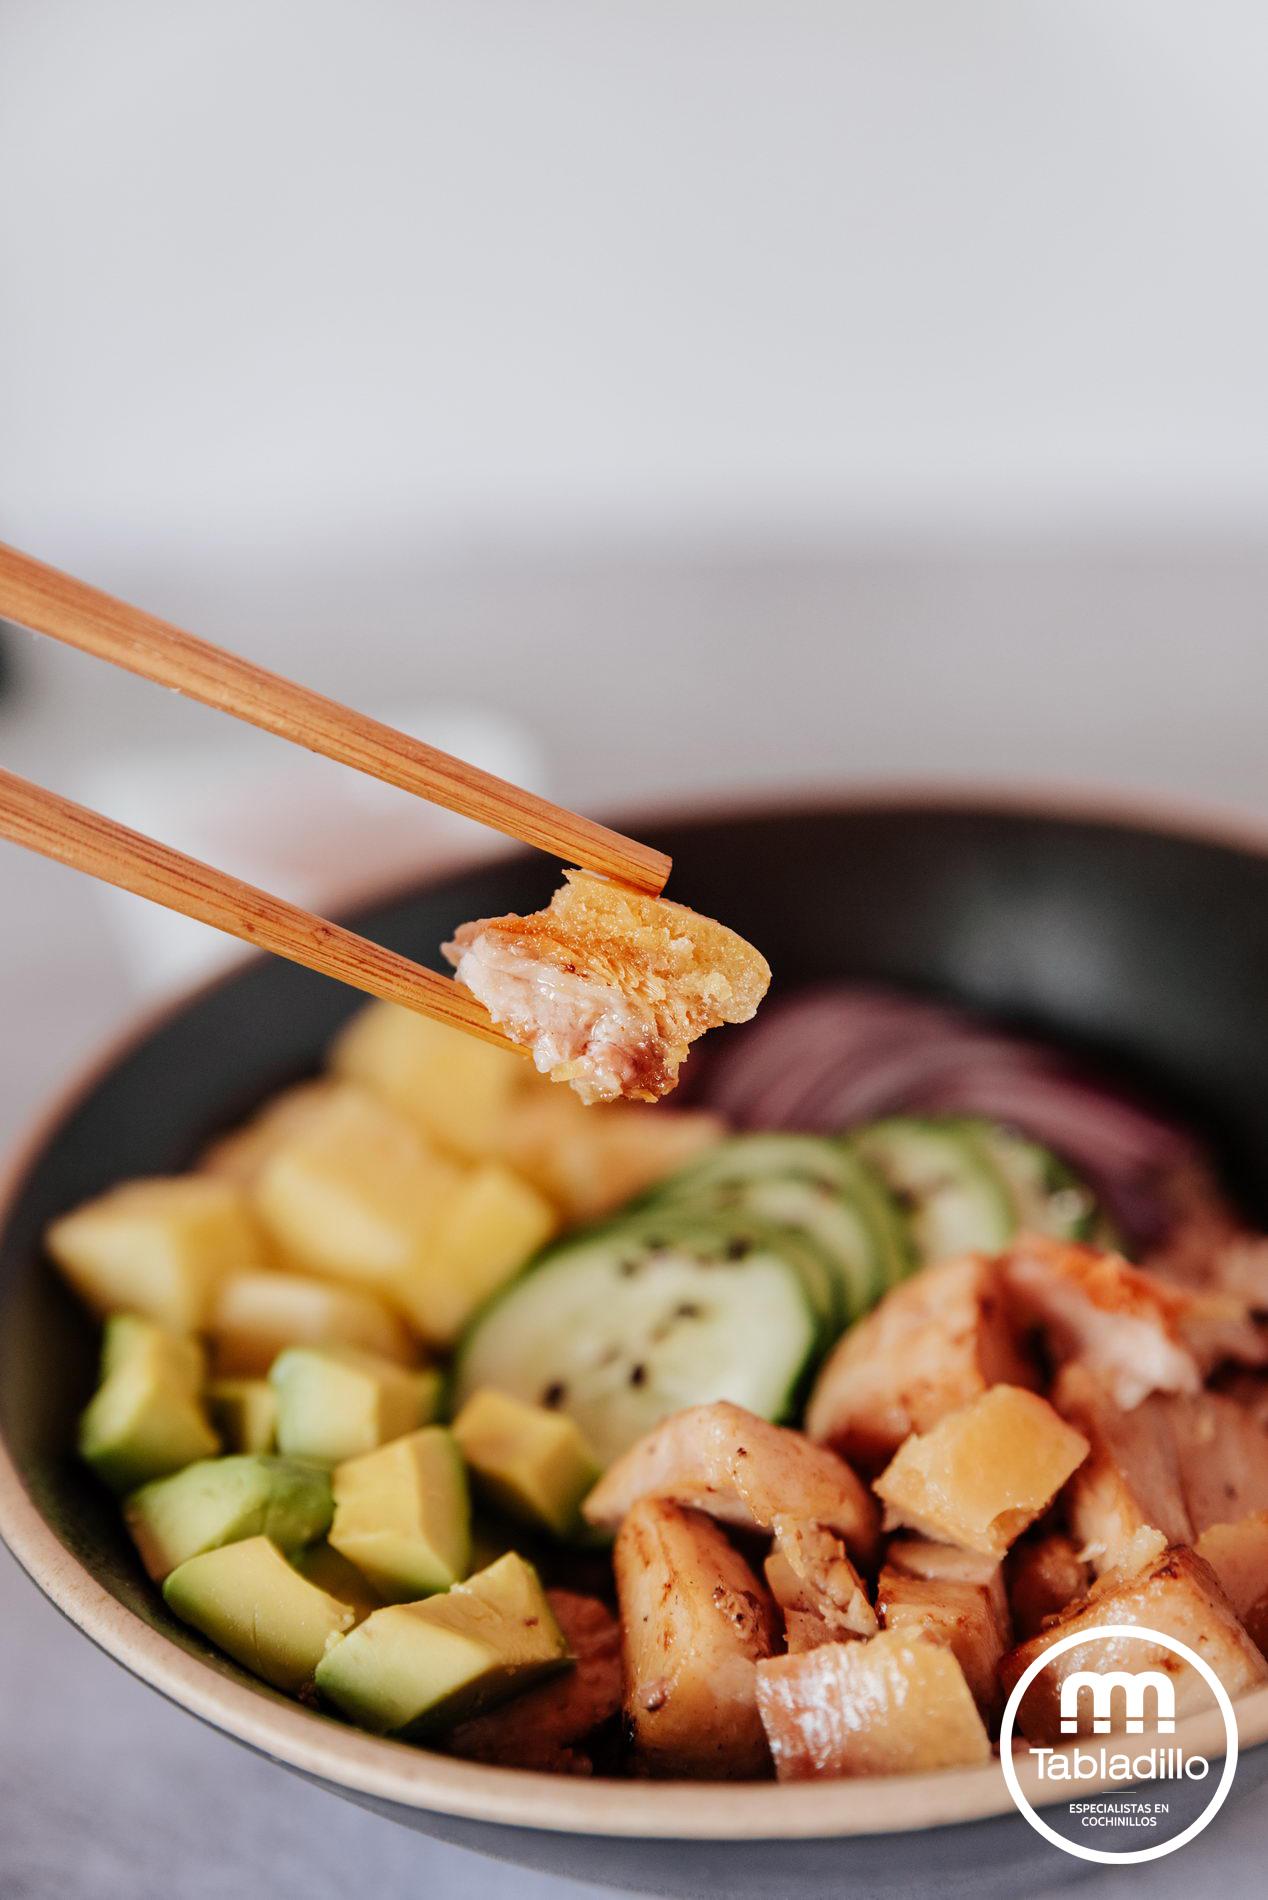 TABLADILLO_poke bowl con cochinillo